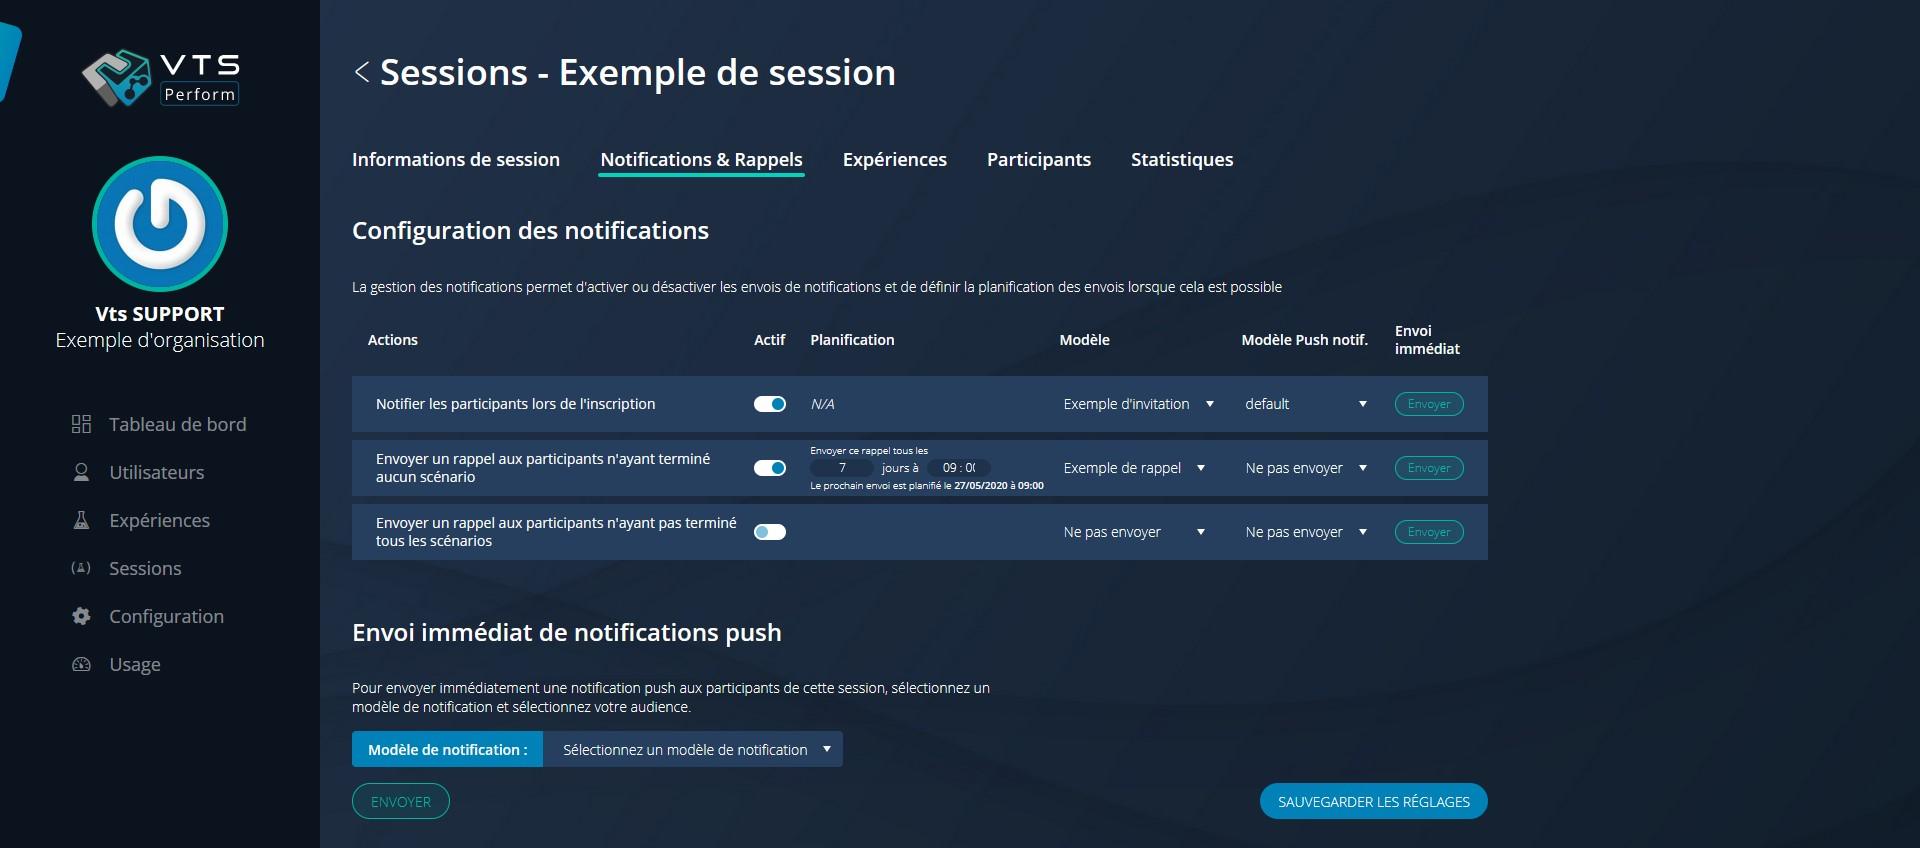 perform_invitationandreminder_fr.jpg (166 KB)